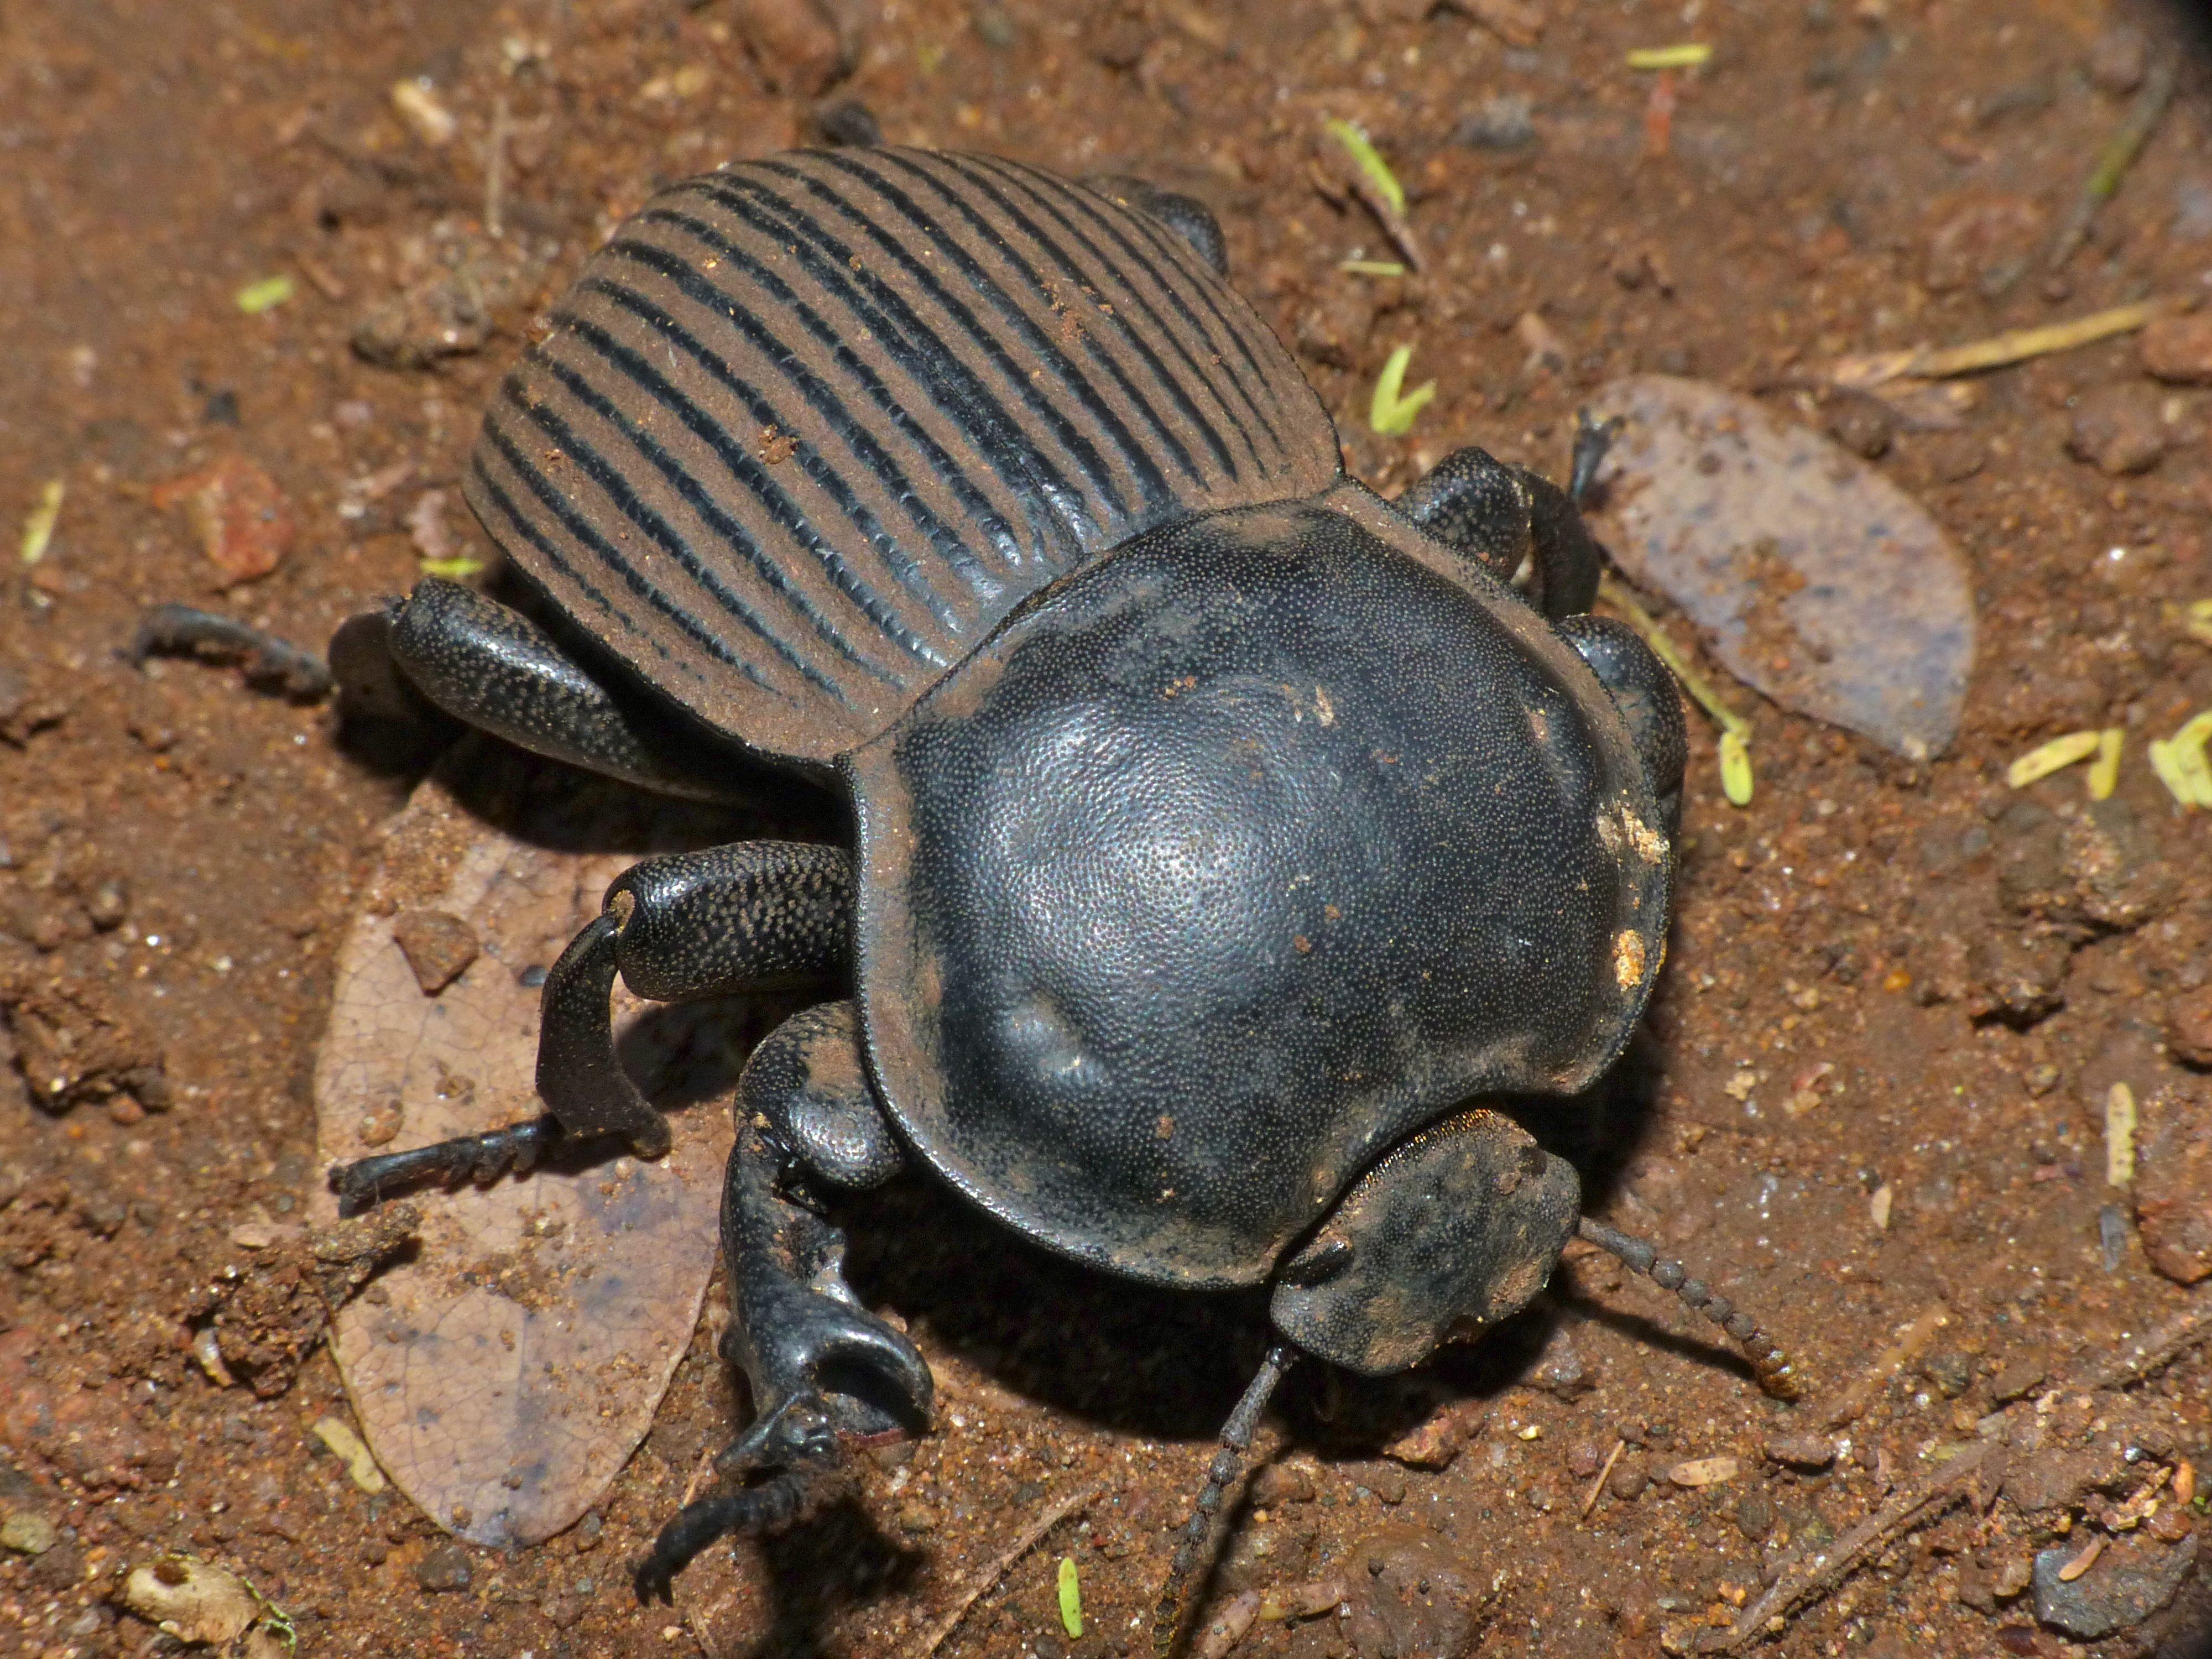 Insects おしゃれまとめの人気アイデア Pinterest Tom 画像あり